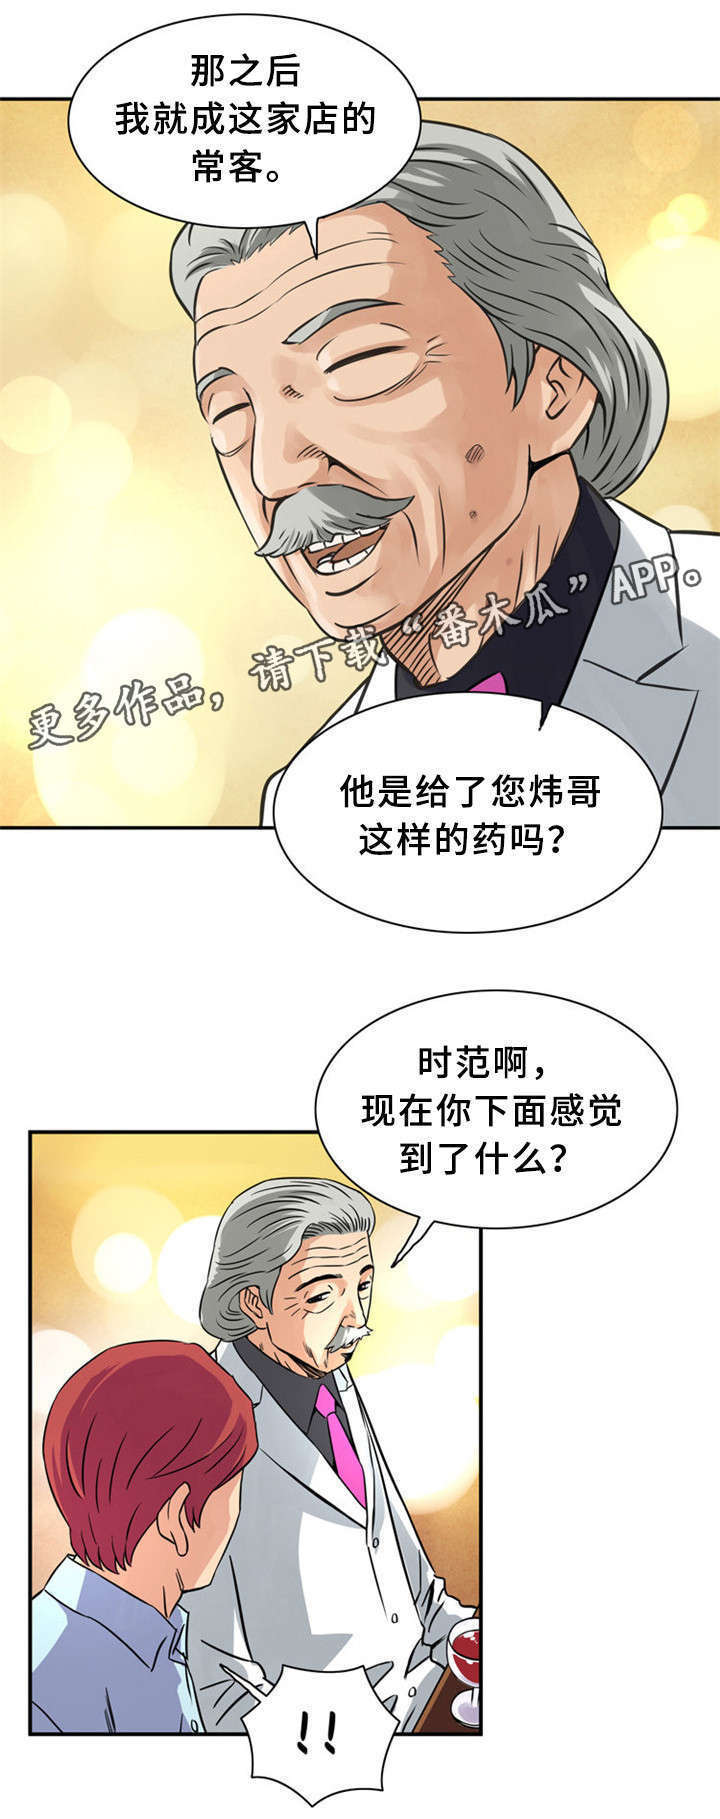 恋爱韩漫: 《皇家钢铁会员》 第22-24话-天狐阅读